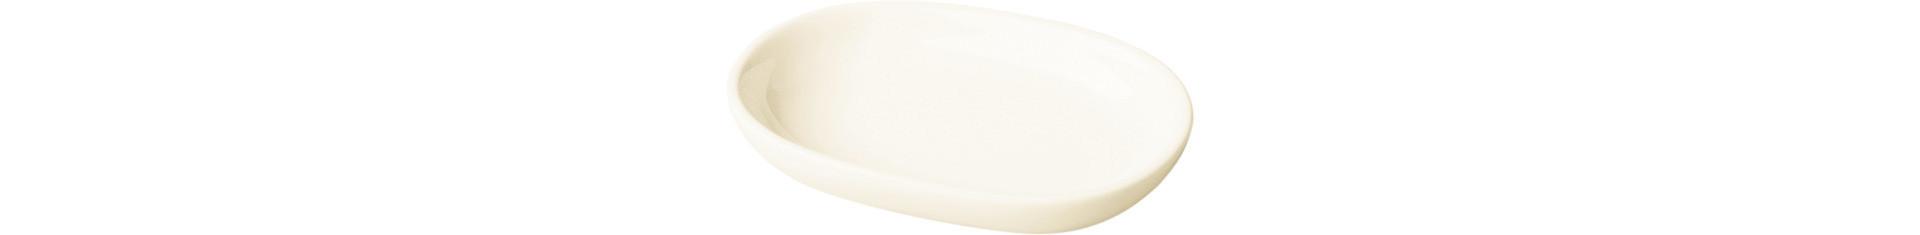 Banquet, Butterteller 110 x 80 x 25 mm / 0,07 l creme